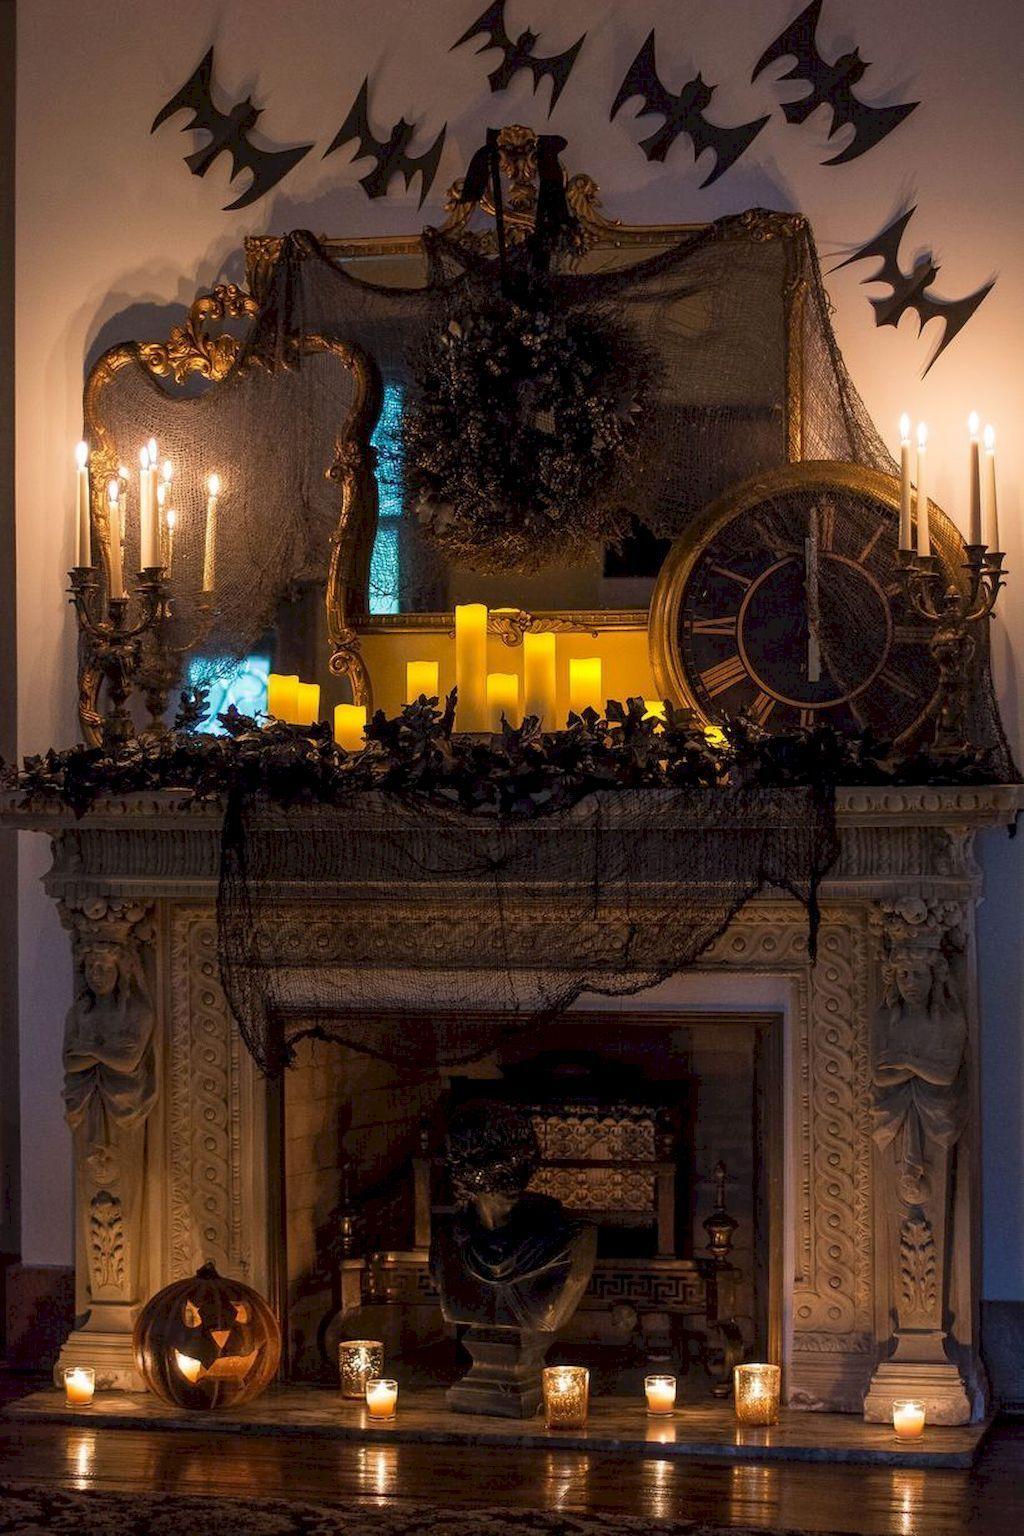 Halloween House Decor For A Really Spooky Halloween